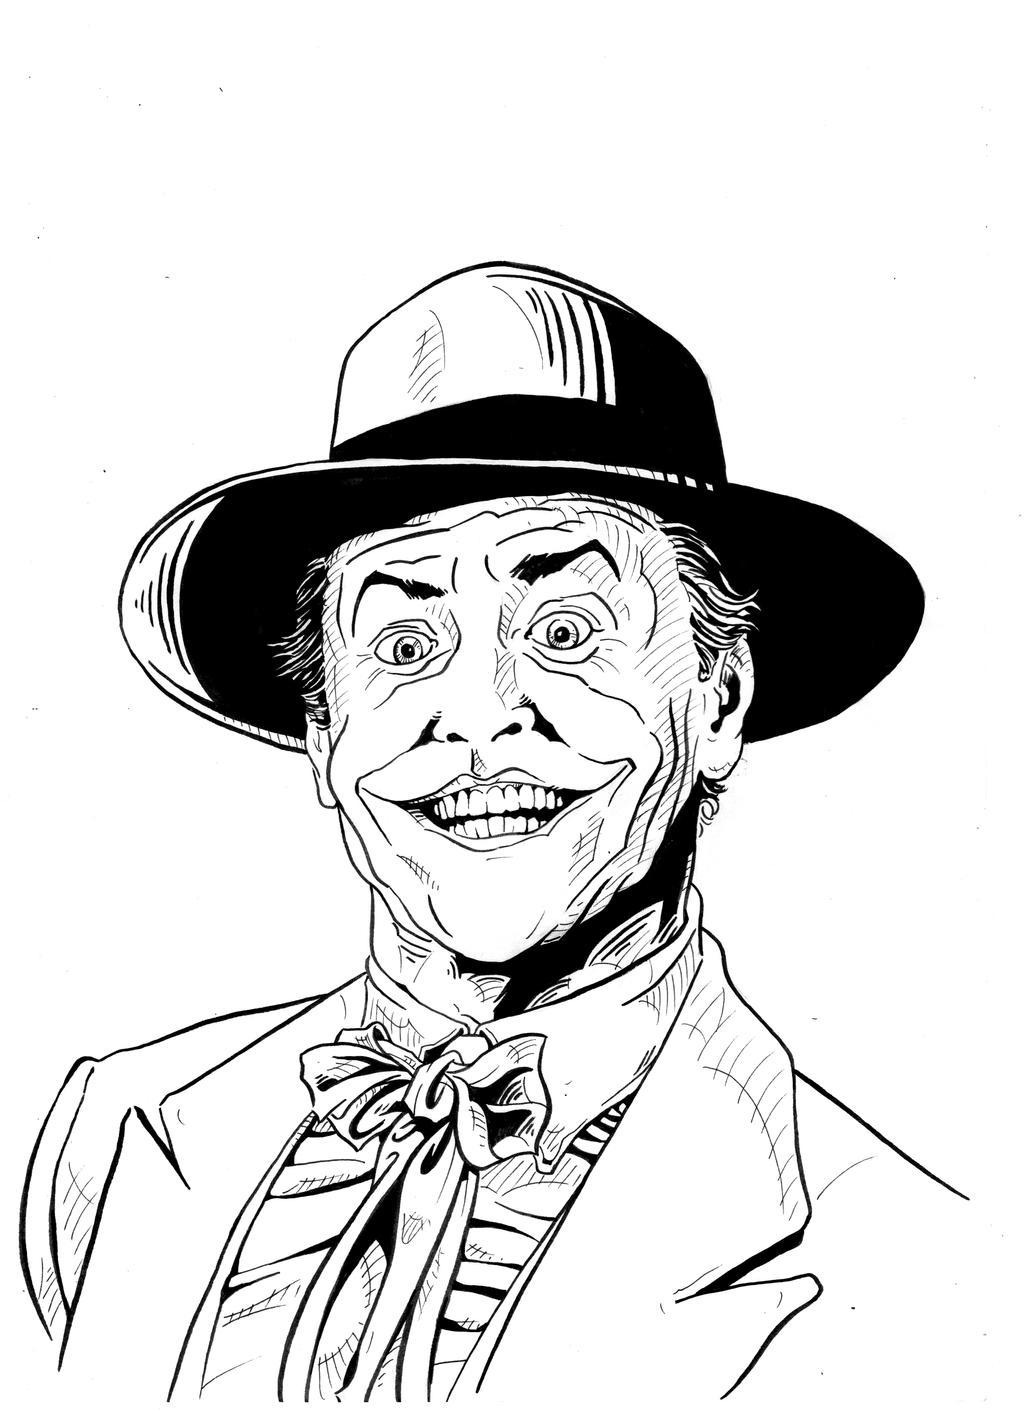 Joker by brrkovi